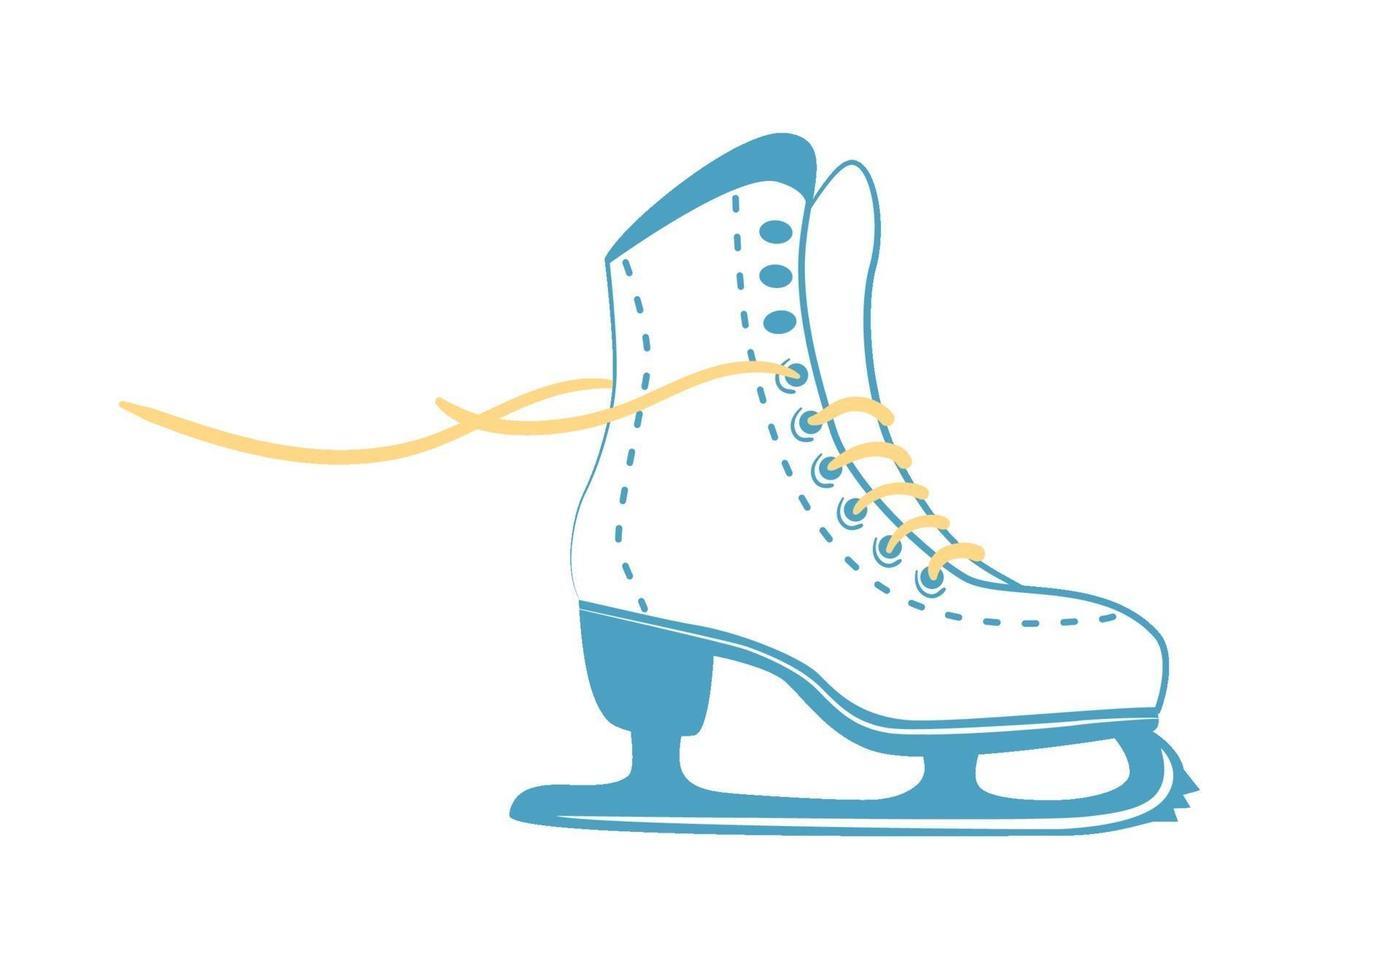 pattini da ghiaccio con lacci luminosi. pattino di figura classico bianco in stile linea. logo di attrezzature sportive. vista laterale. illustrazione vettoriale isolato su sfondo bianco.